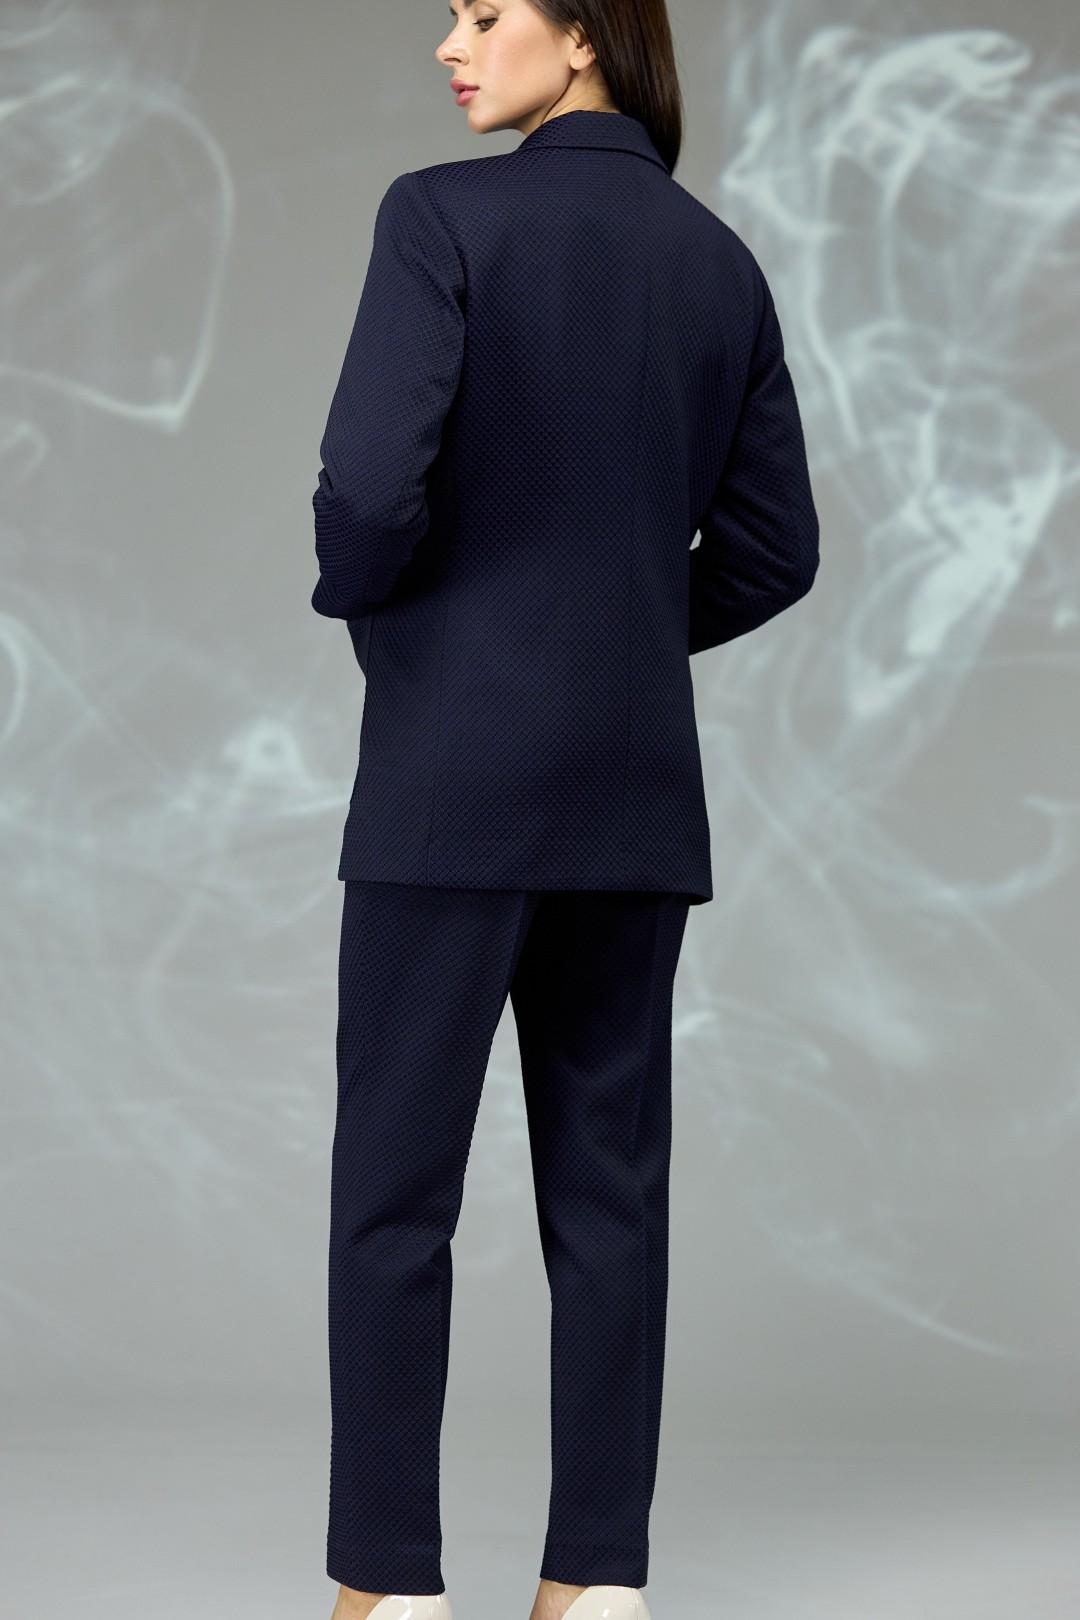 Костюм Angelina & Company 596т темно-синий крупная ячейка